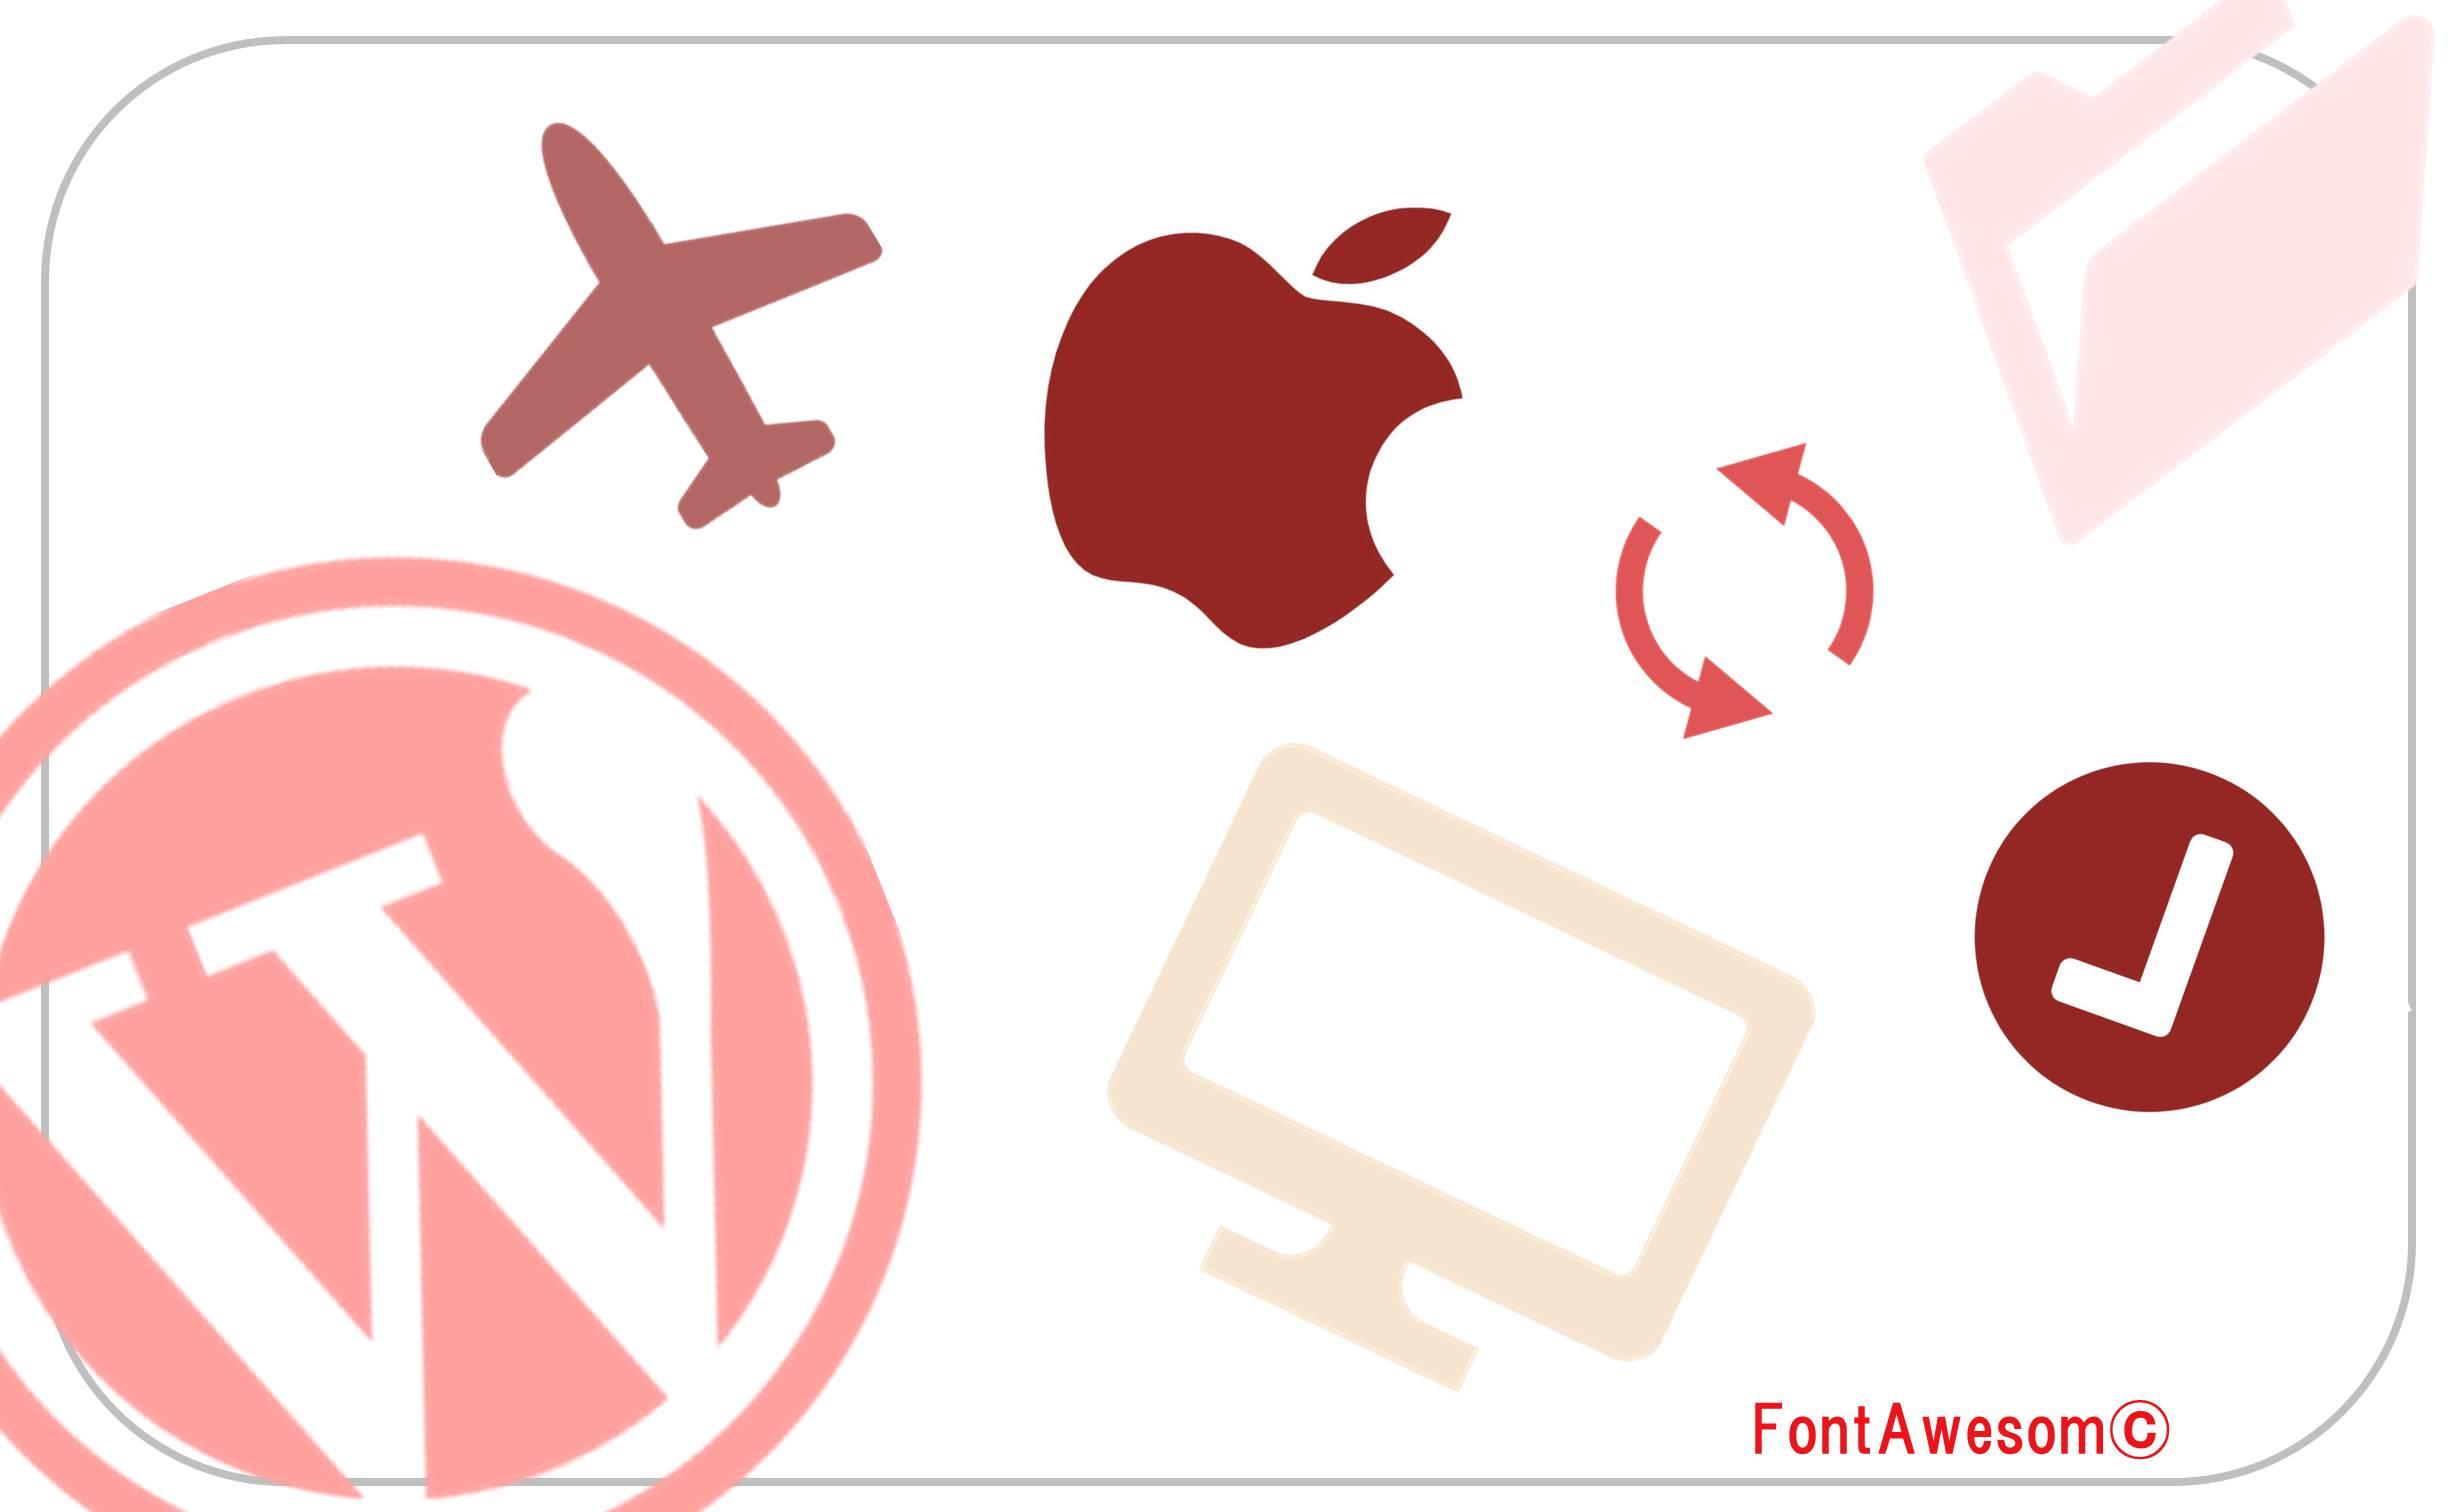 FontAwesom